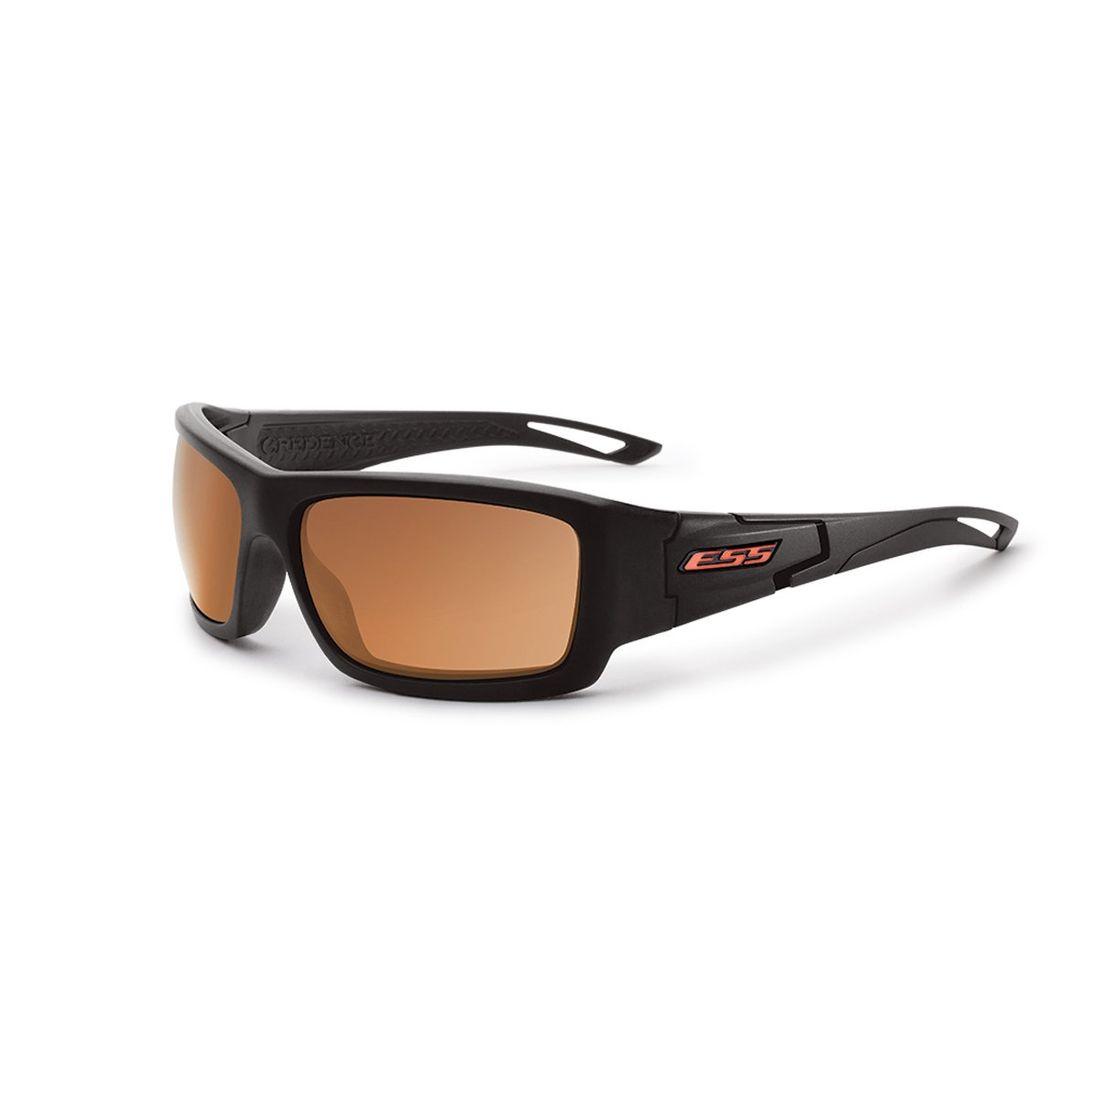 4b3d4f38e544f Lunette Credence™ noire verres cuivres ESS